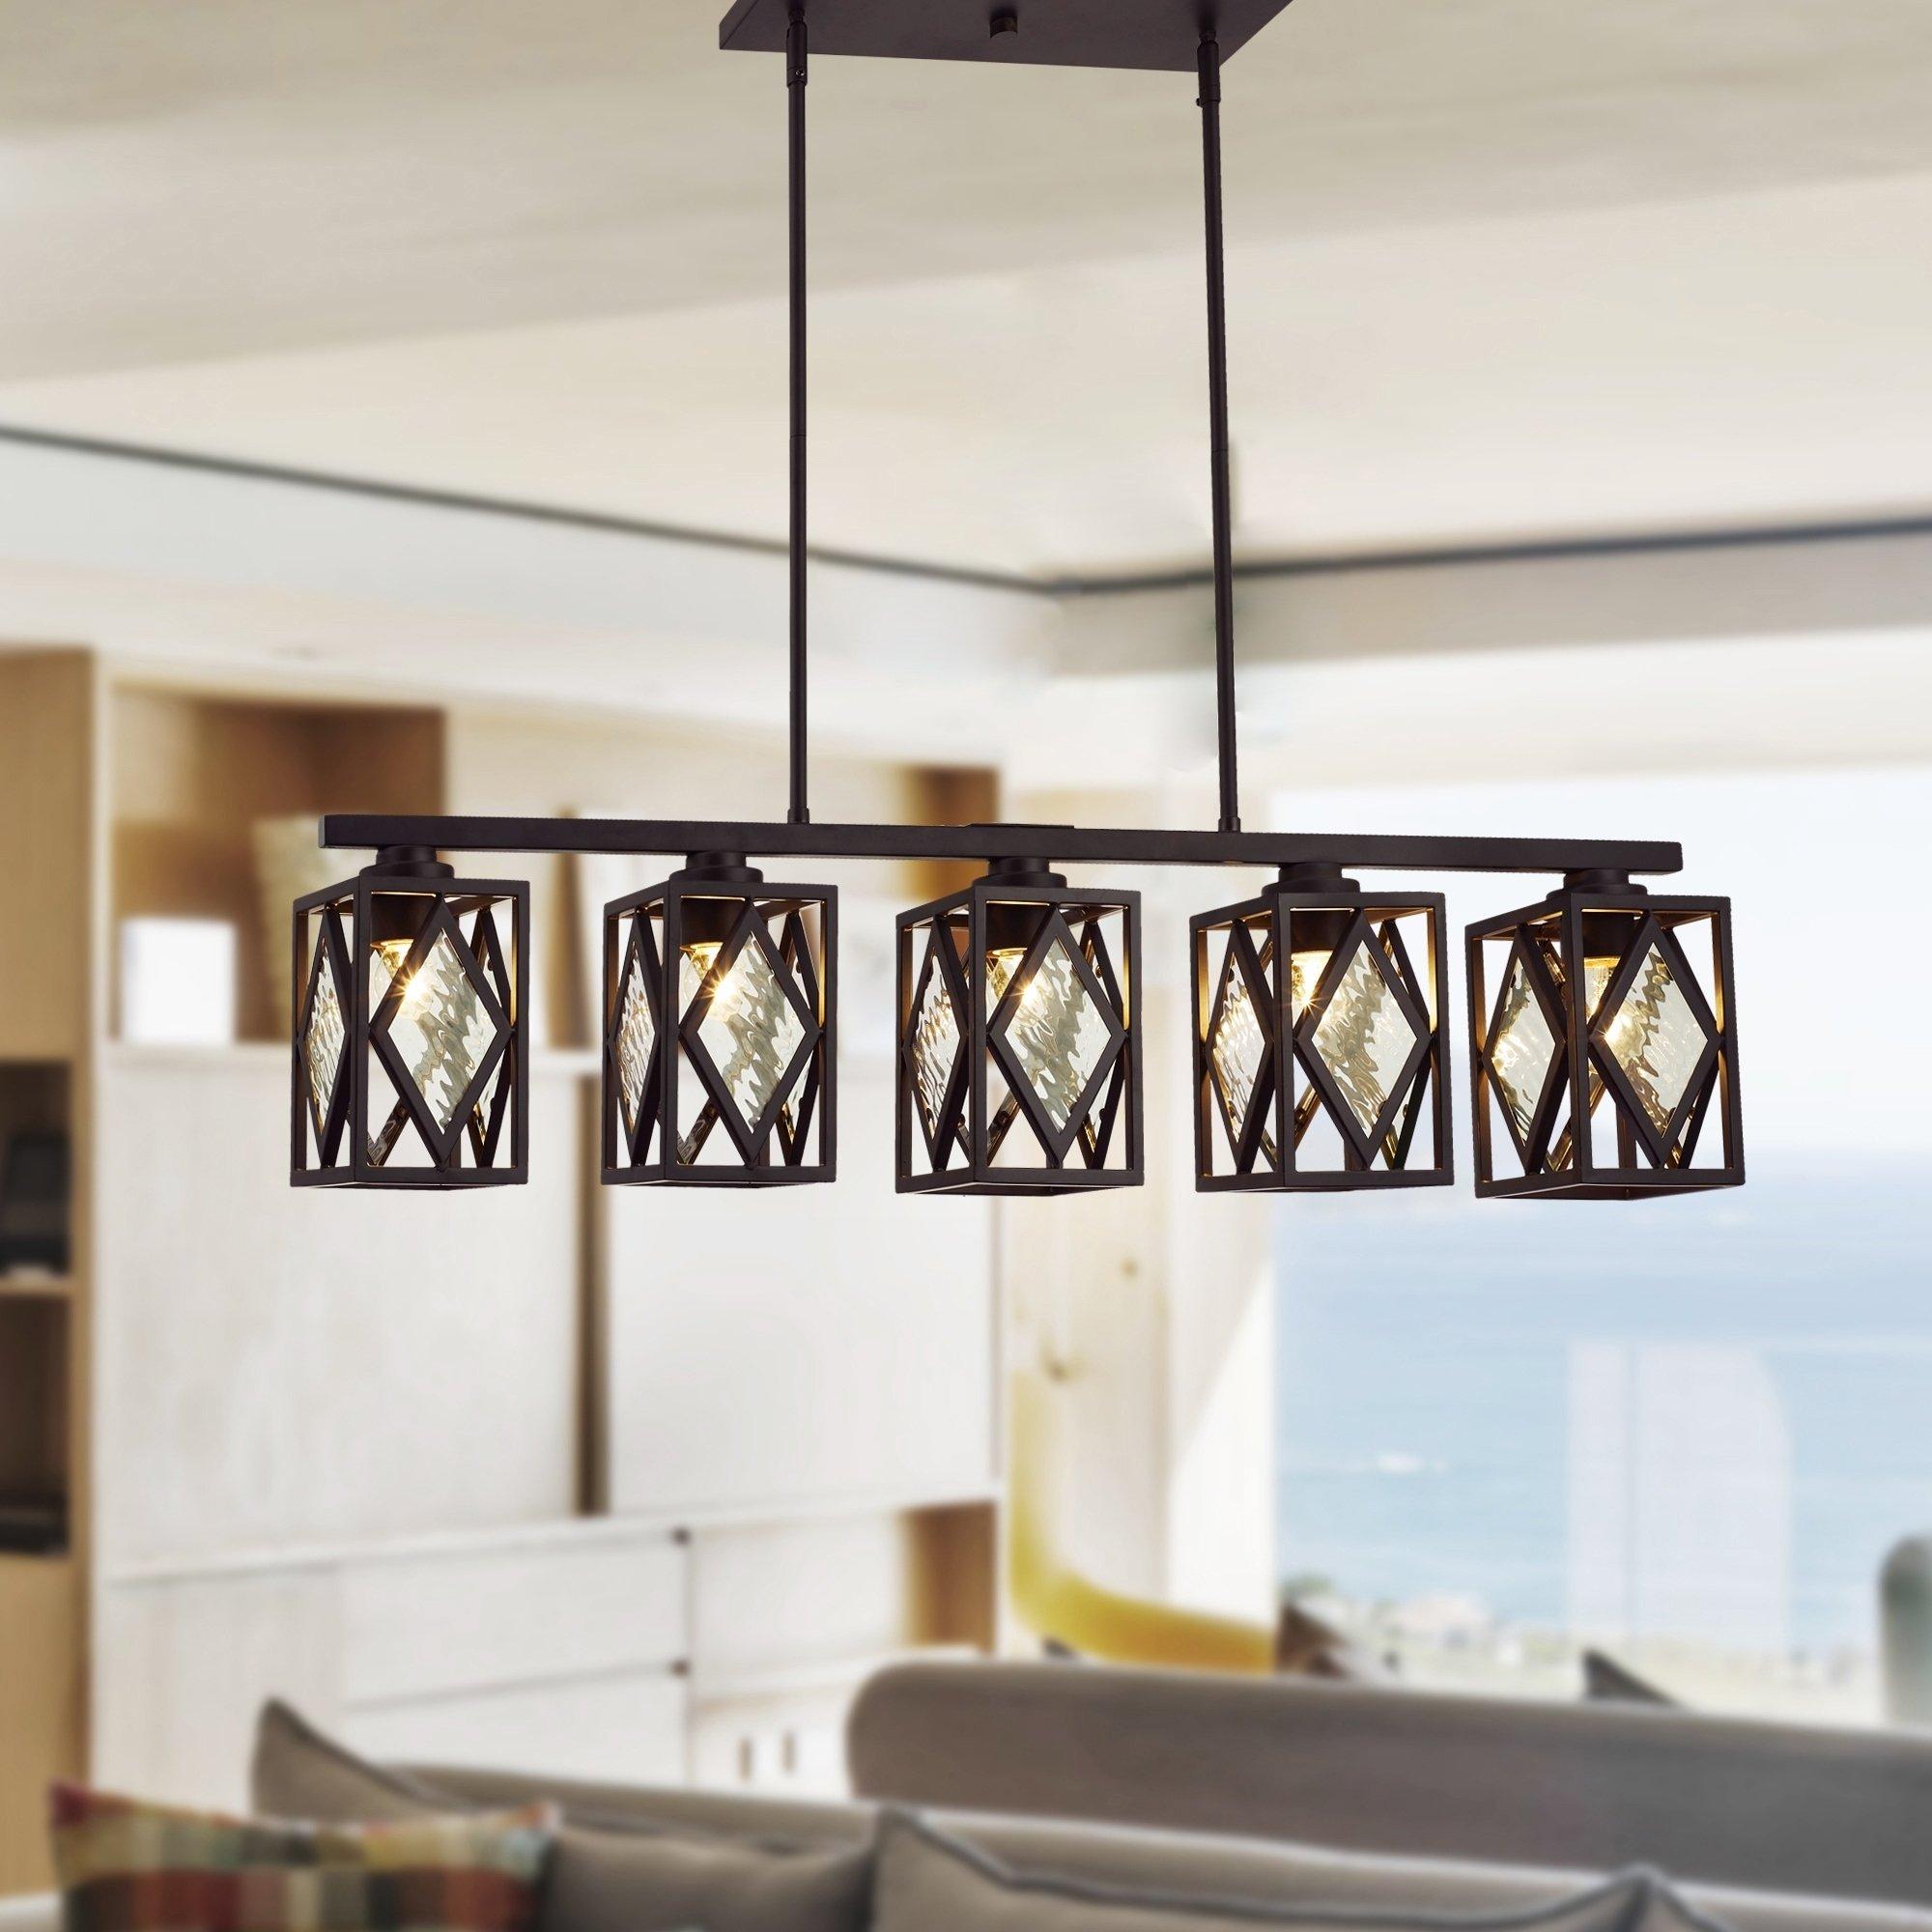 Fanwel Oil Rubbed Bronze 5 Light Linear Chandelier Throughout Delon 5 Light Kitchen Island Linear Pendants (View 13 of 15)